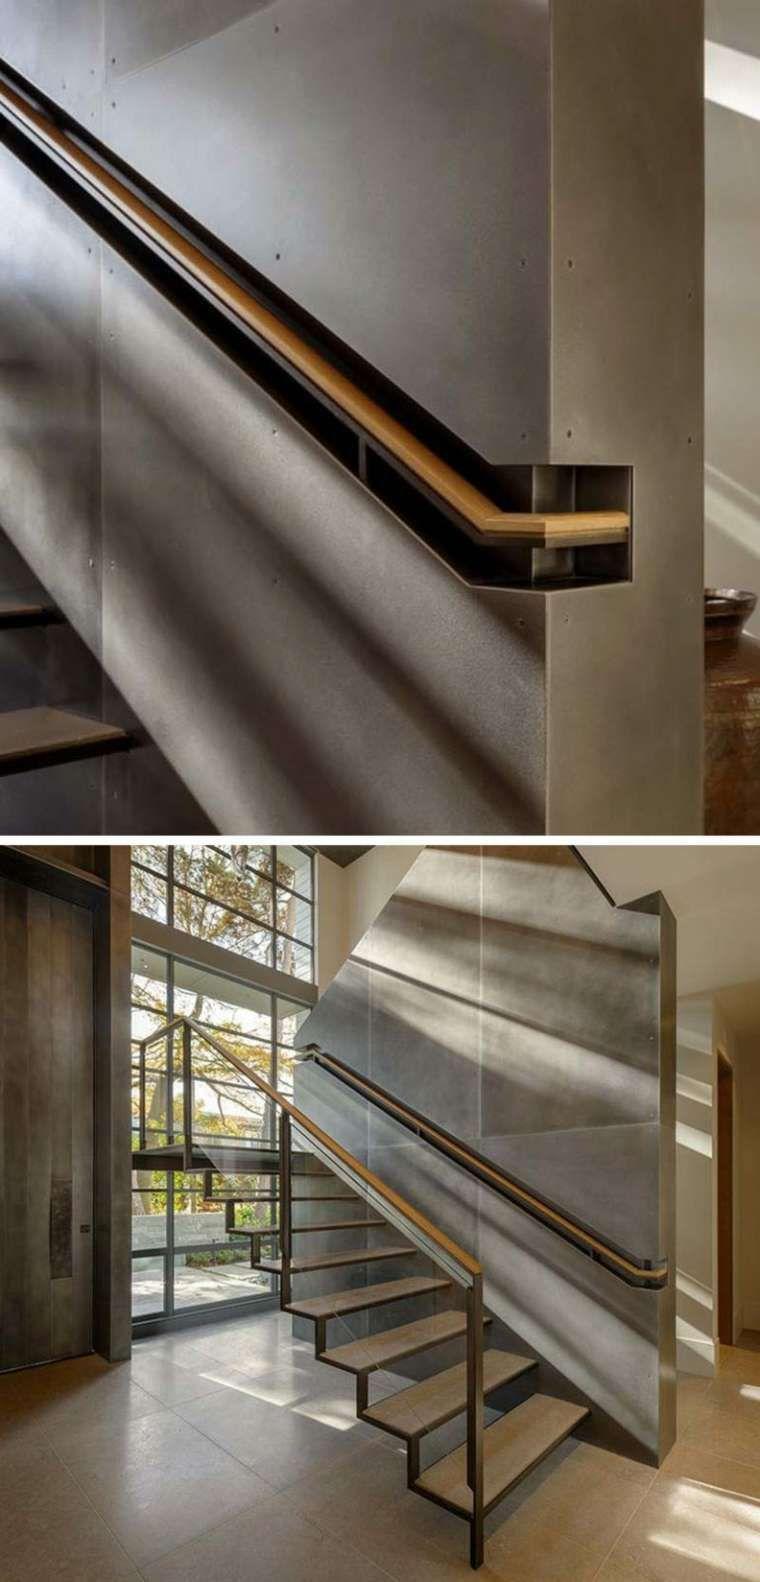 Main courante escalier intégrée de style moderne | Staircases, Room ...